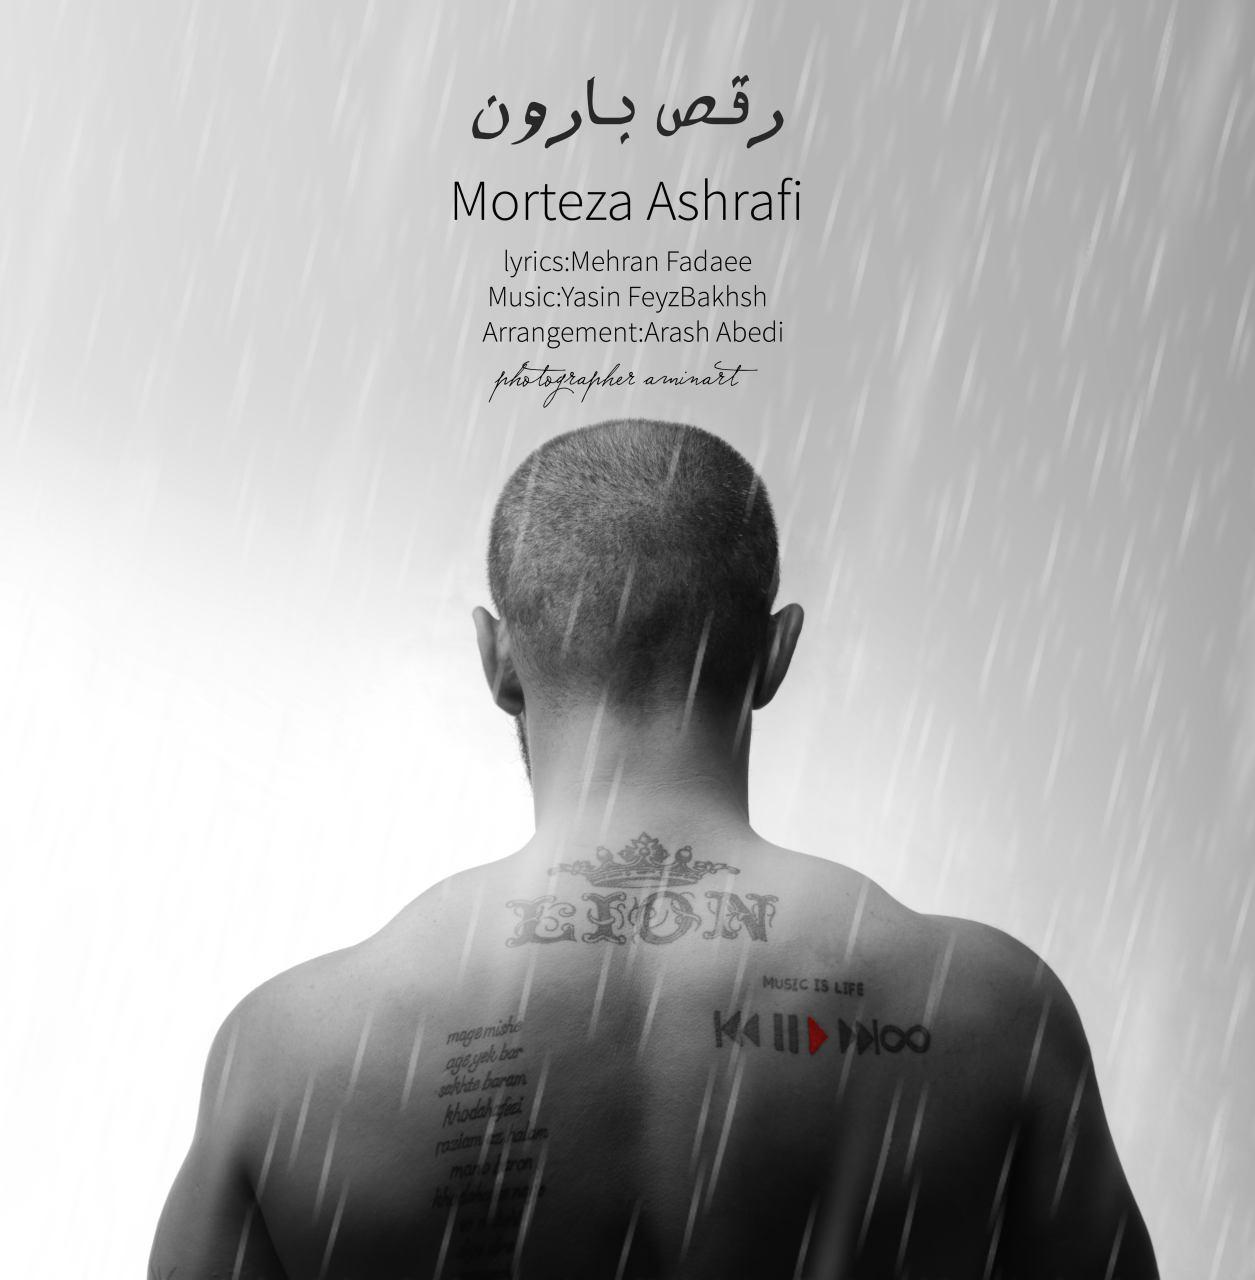 دانلود آهنگ جدید مرتضی اشرفی به نام رقص بارون